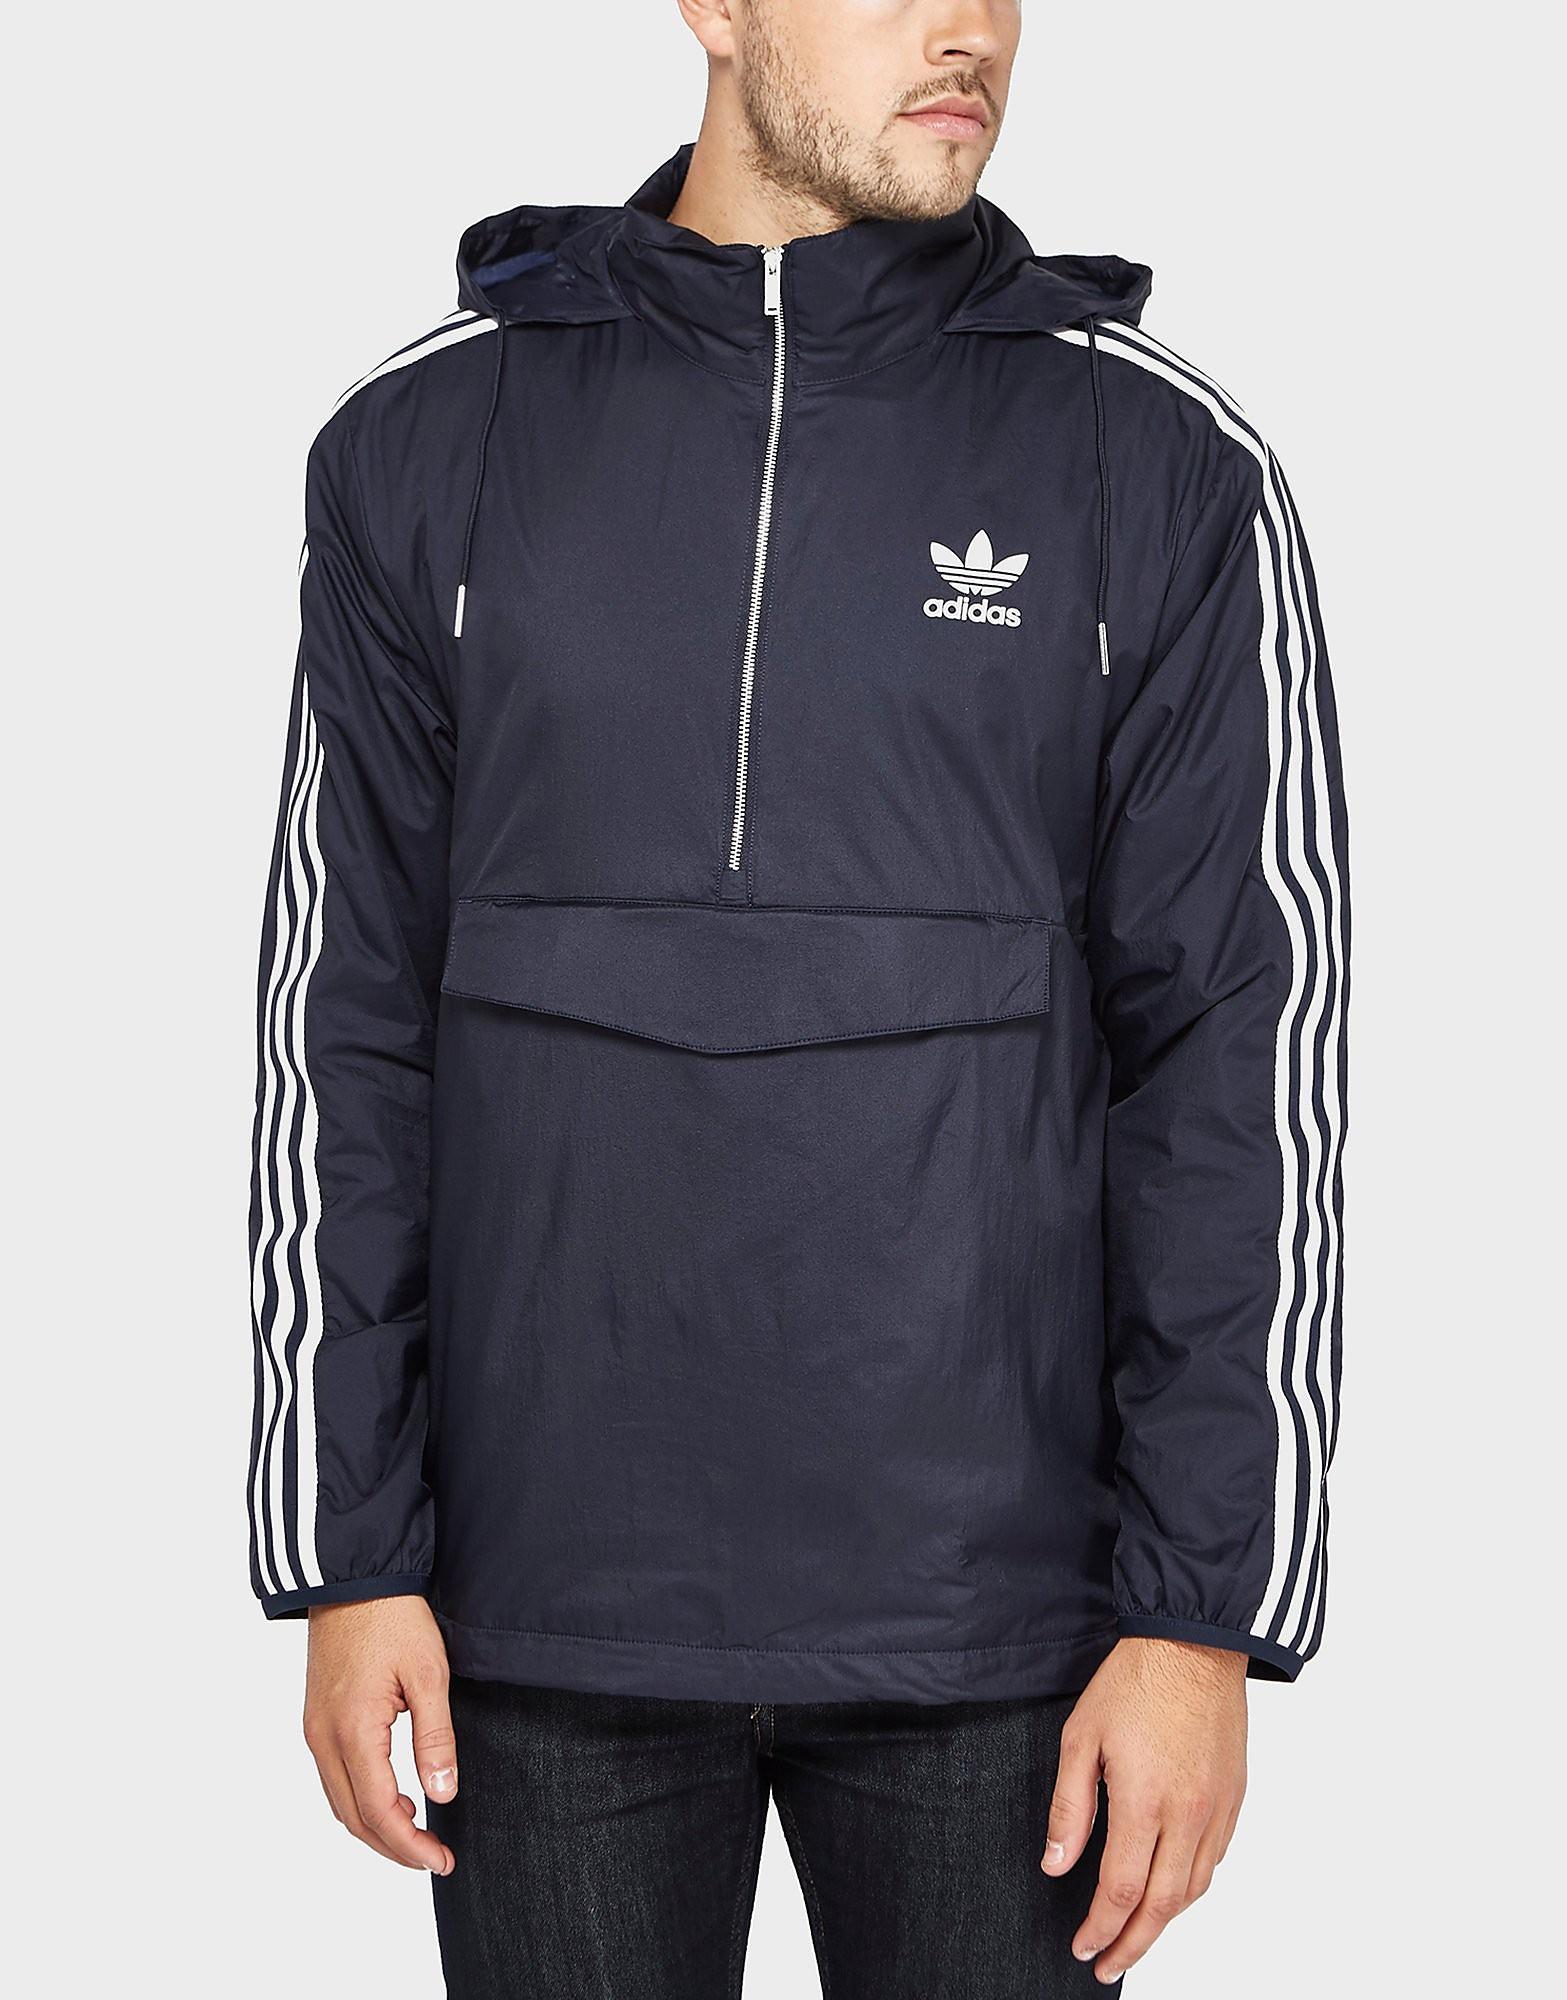 adidas Originals London Half-Zip Overhead Jacket